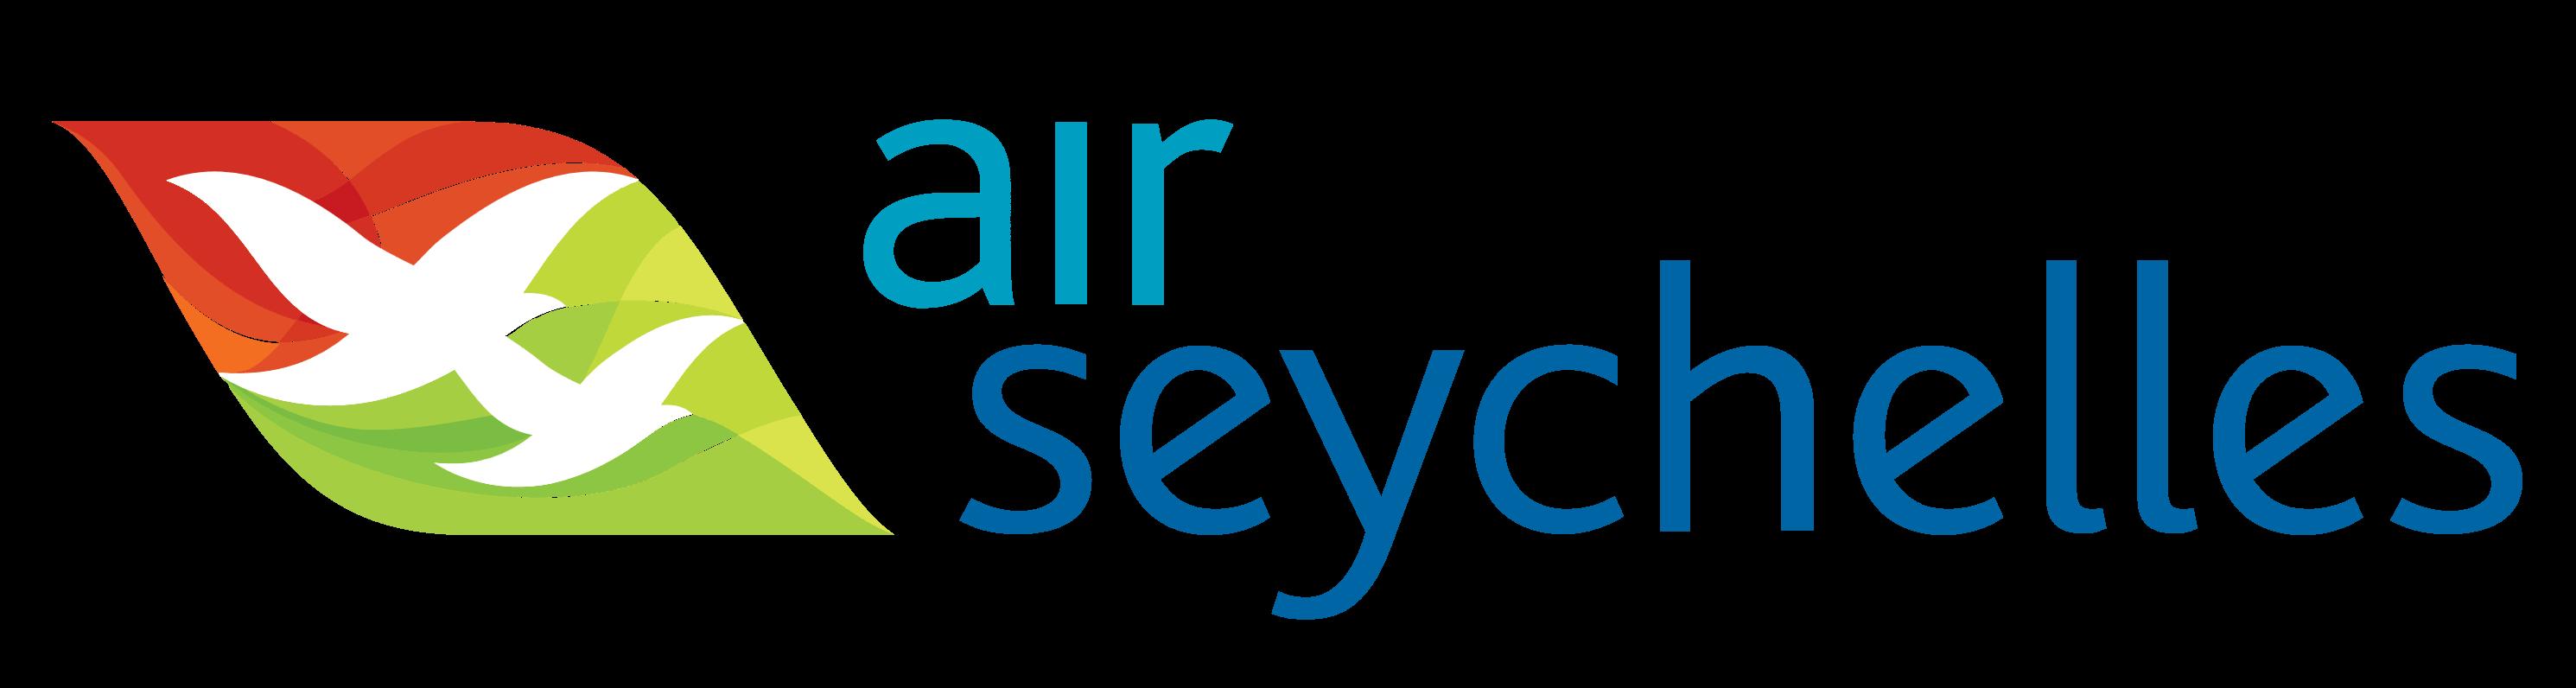 Air_Seychelles_logo